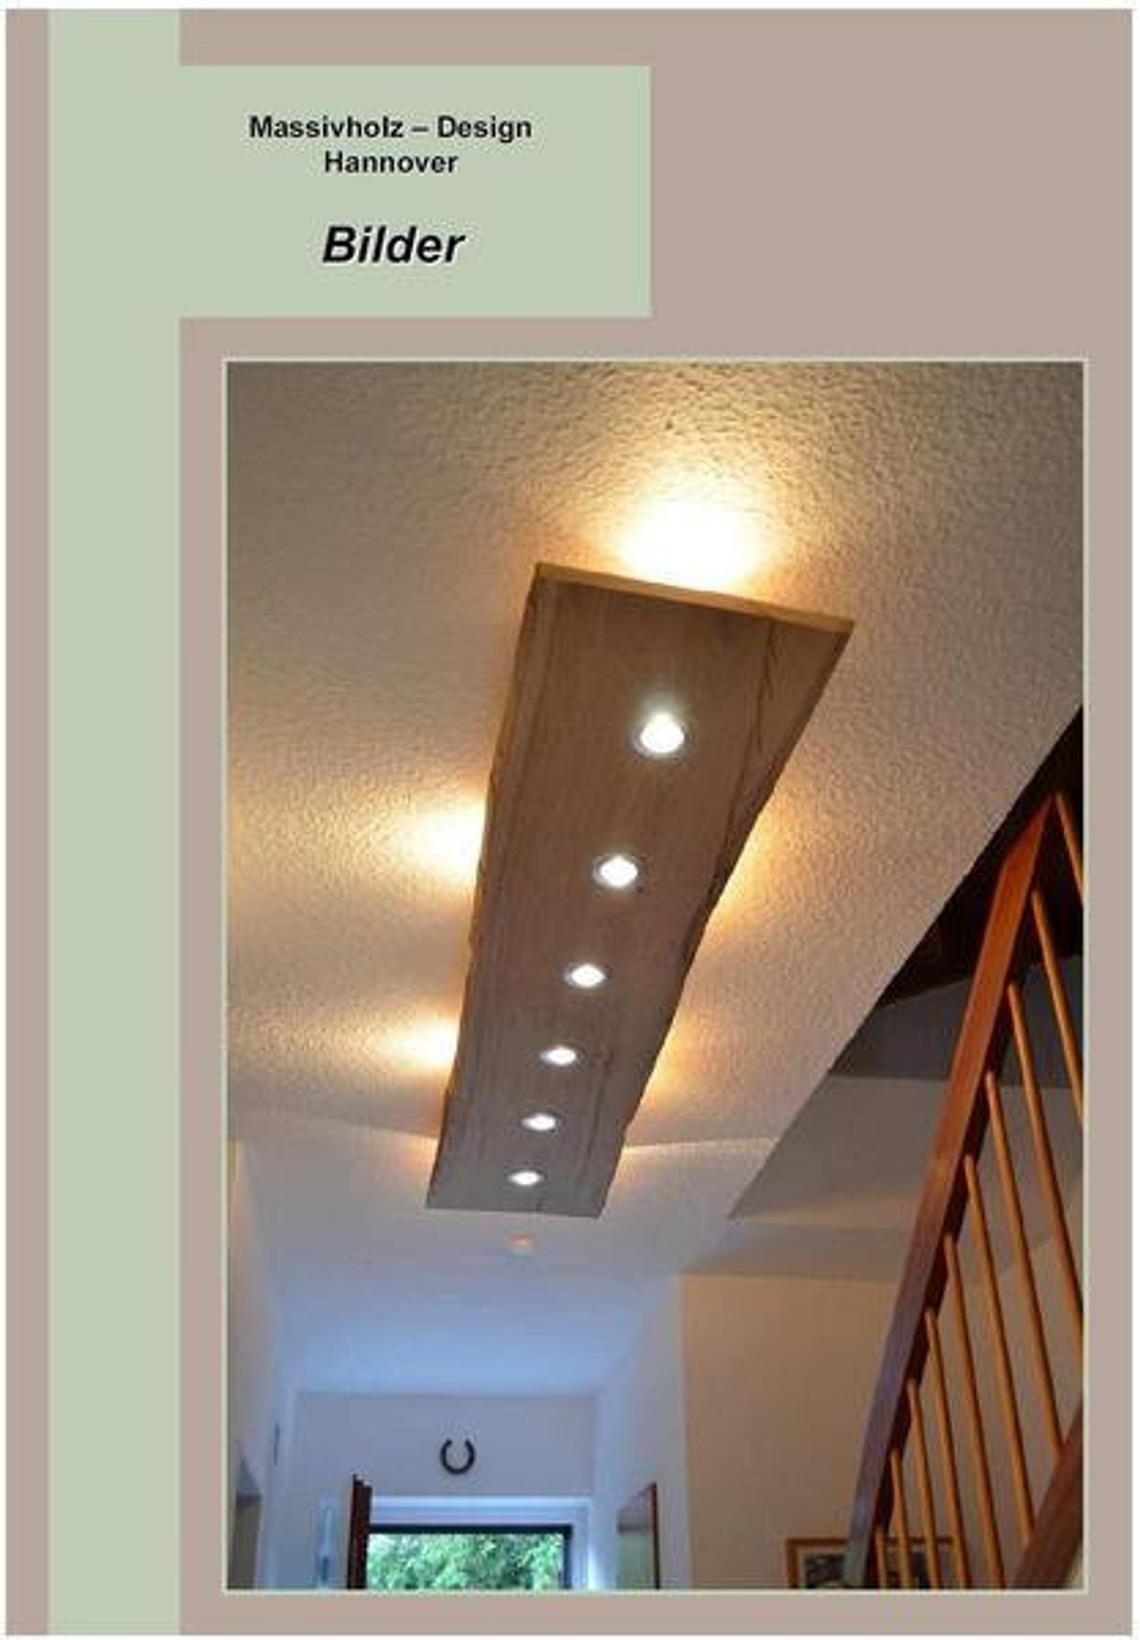 Full Size of Led Lampe Wohnzimmer Dimmbar Selber Bauen Decke Wohnzimmerleuchte Lampen Hornbach Massiv Holz Design Decken In 2019 Deckenleuchte Bad Deckenlampen Moderne Wohnzimmer Led Lampen Wohnzimmer